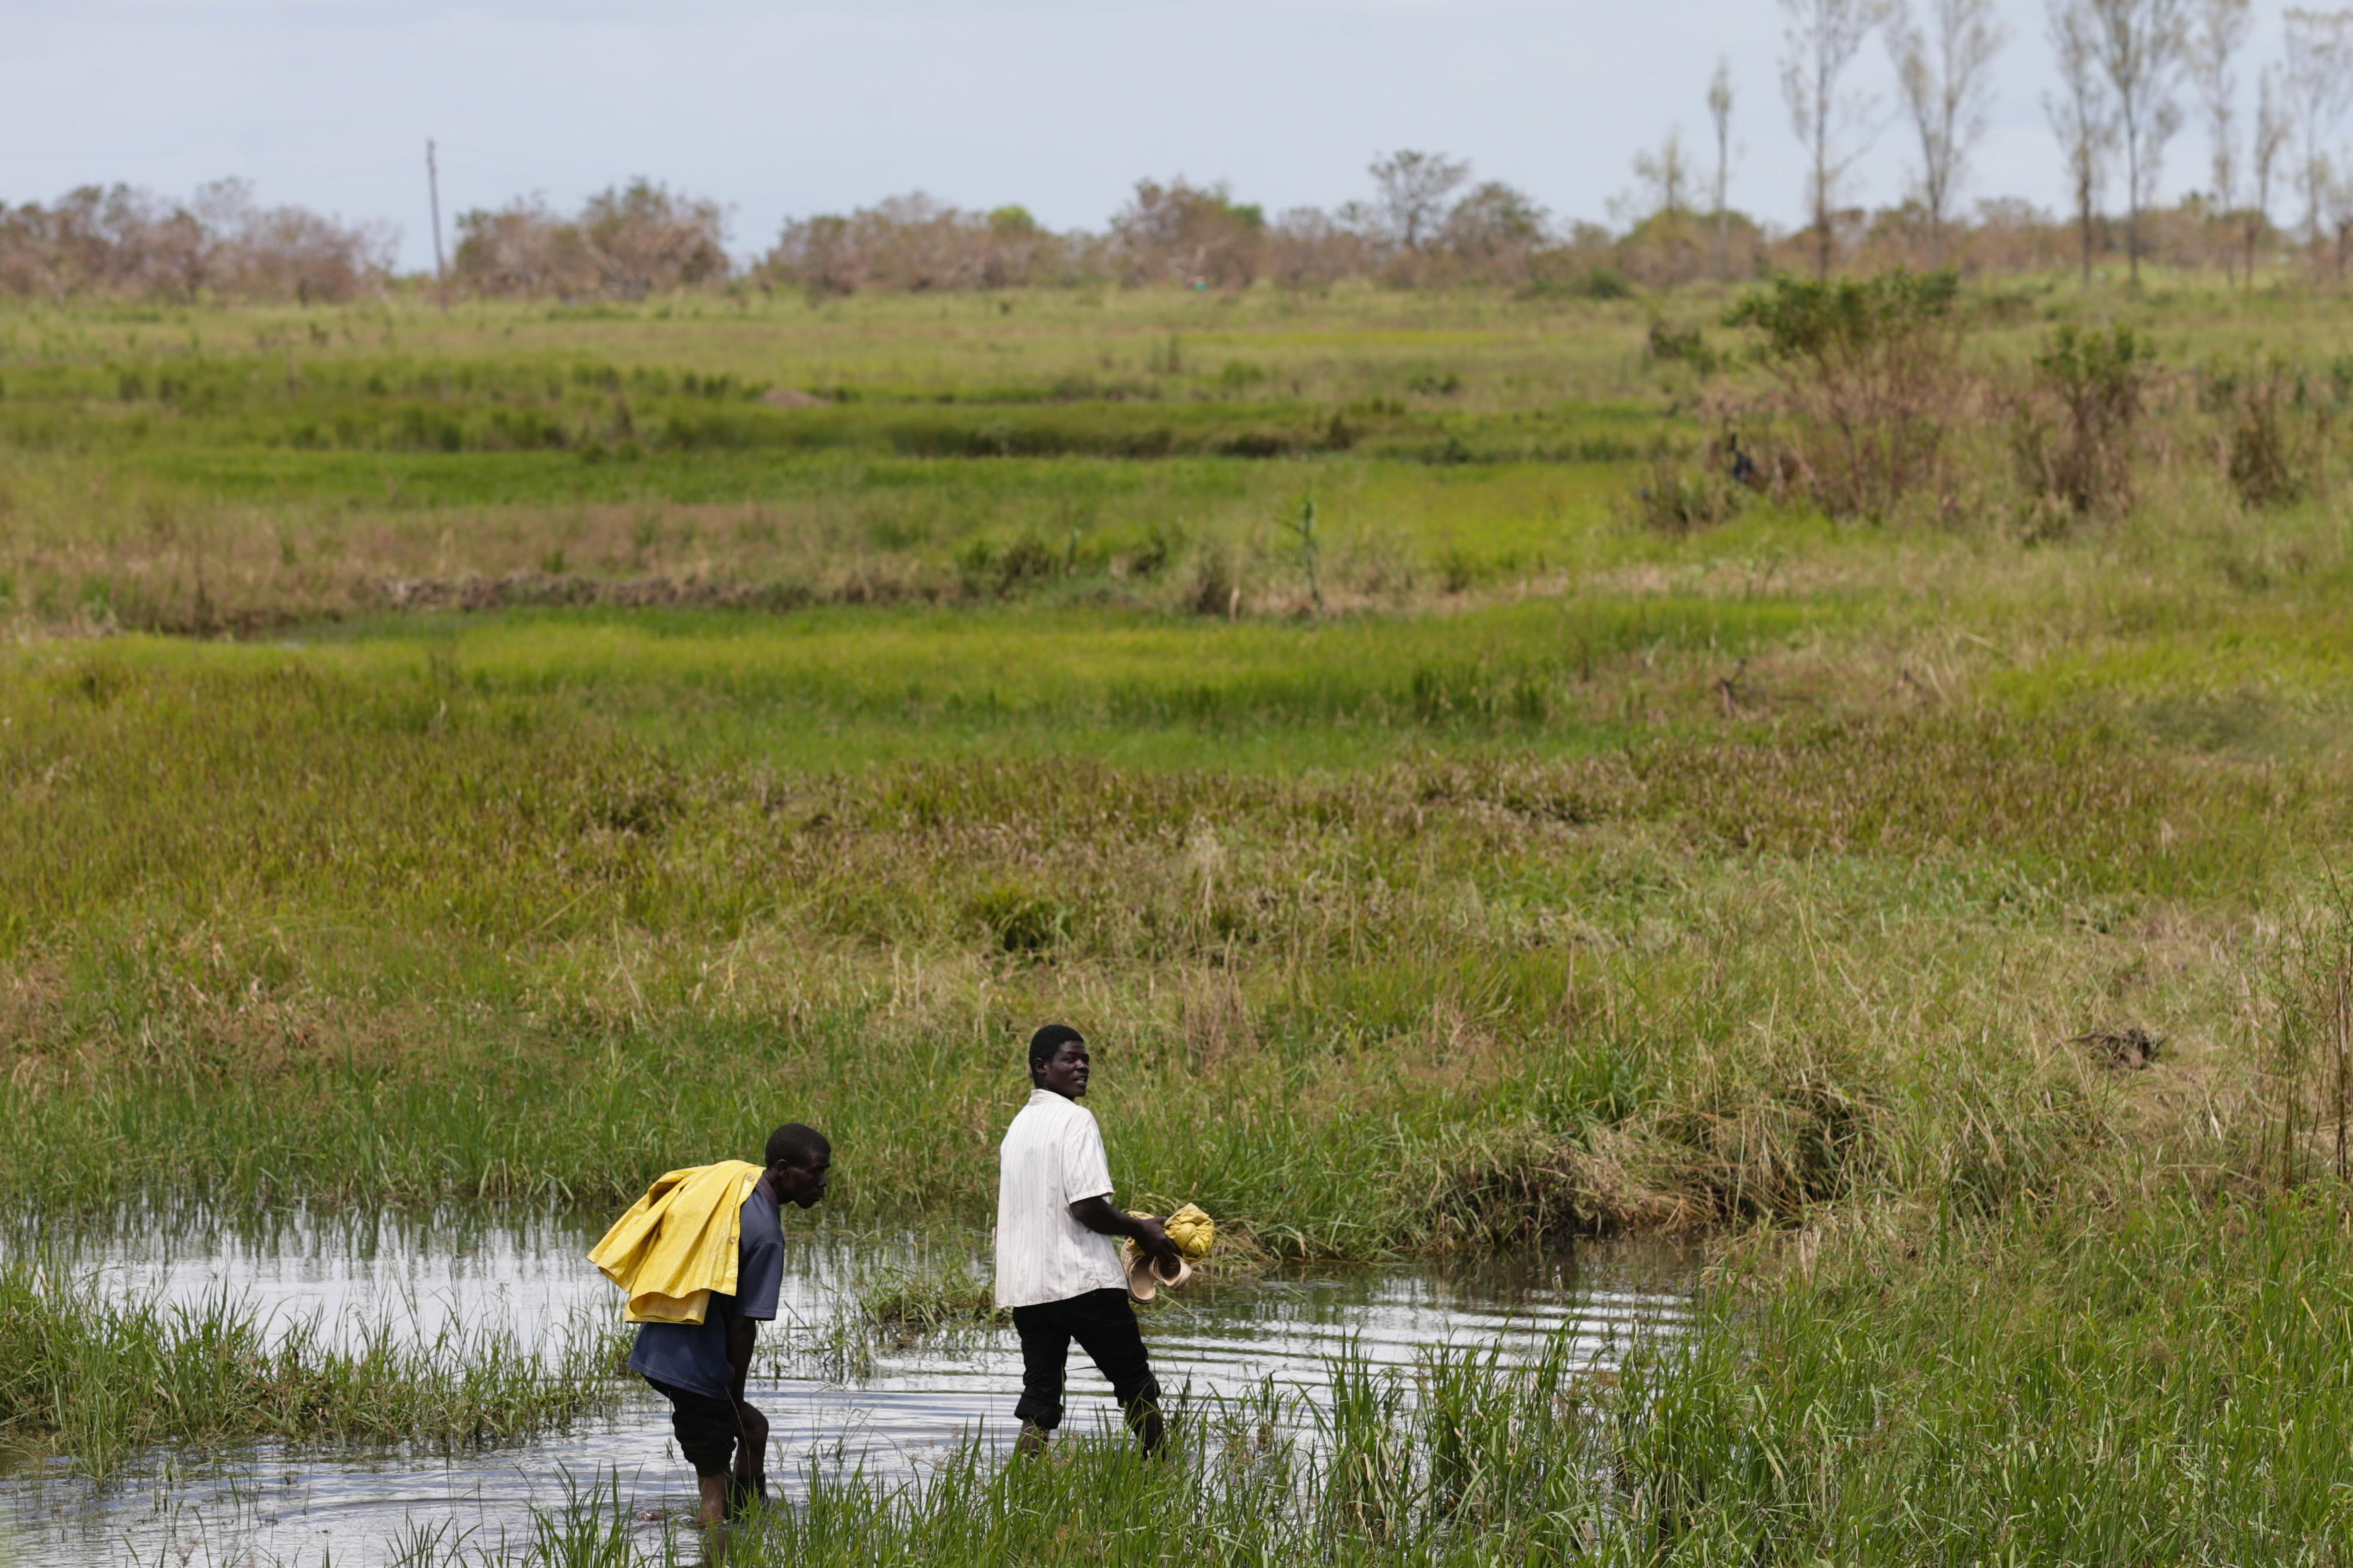 Governo moçambicano diz que situação está controlada após chuvas intensas em Sofala